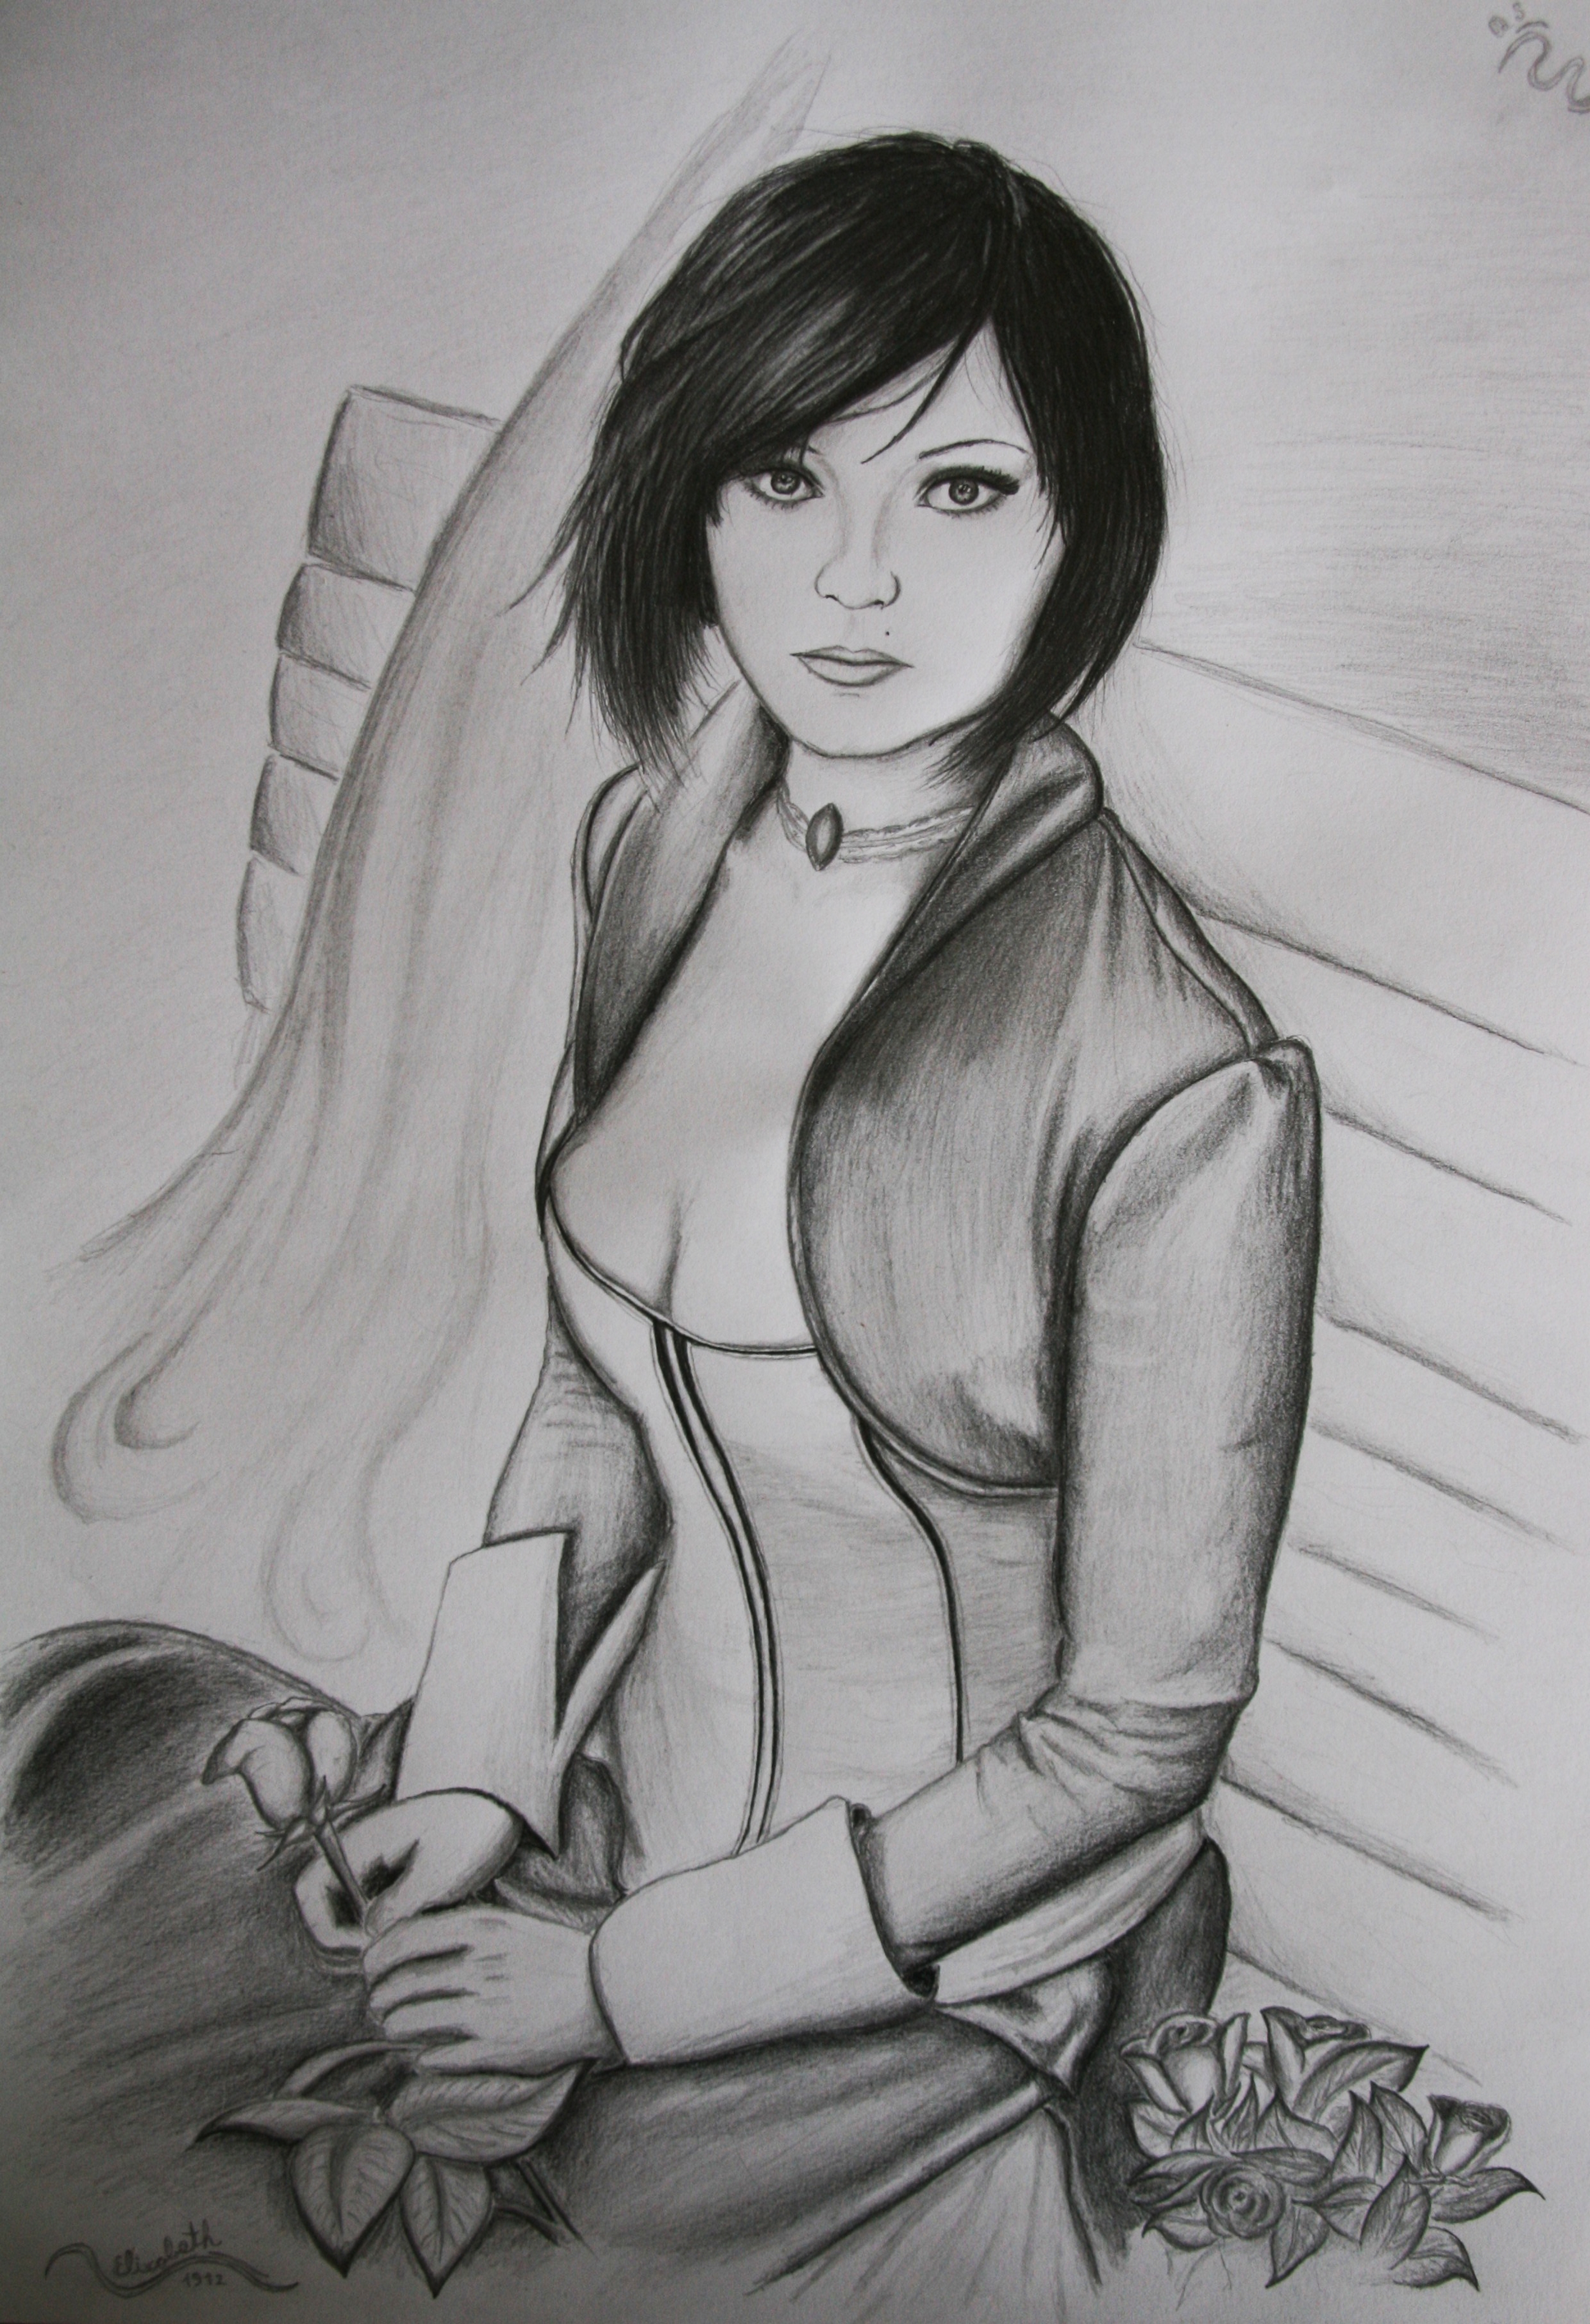 Elizabeth (Bioshock Infinite) by 1996ds